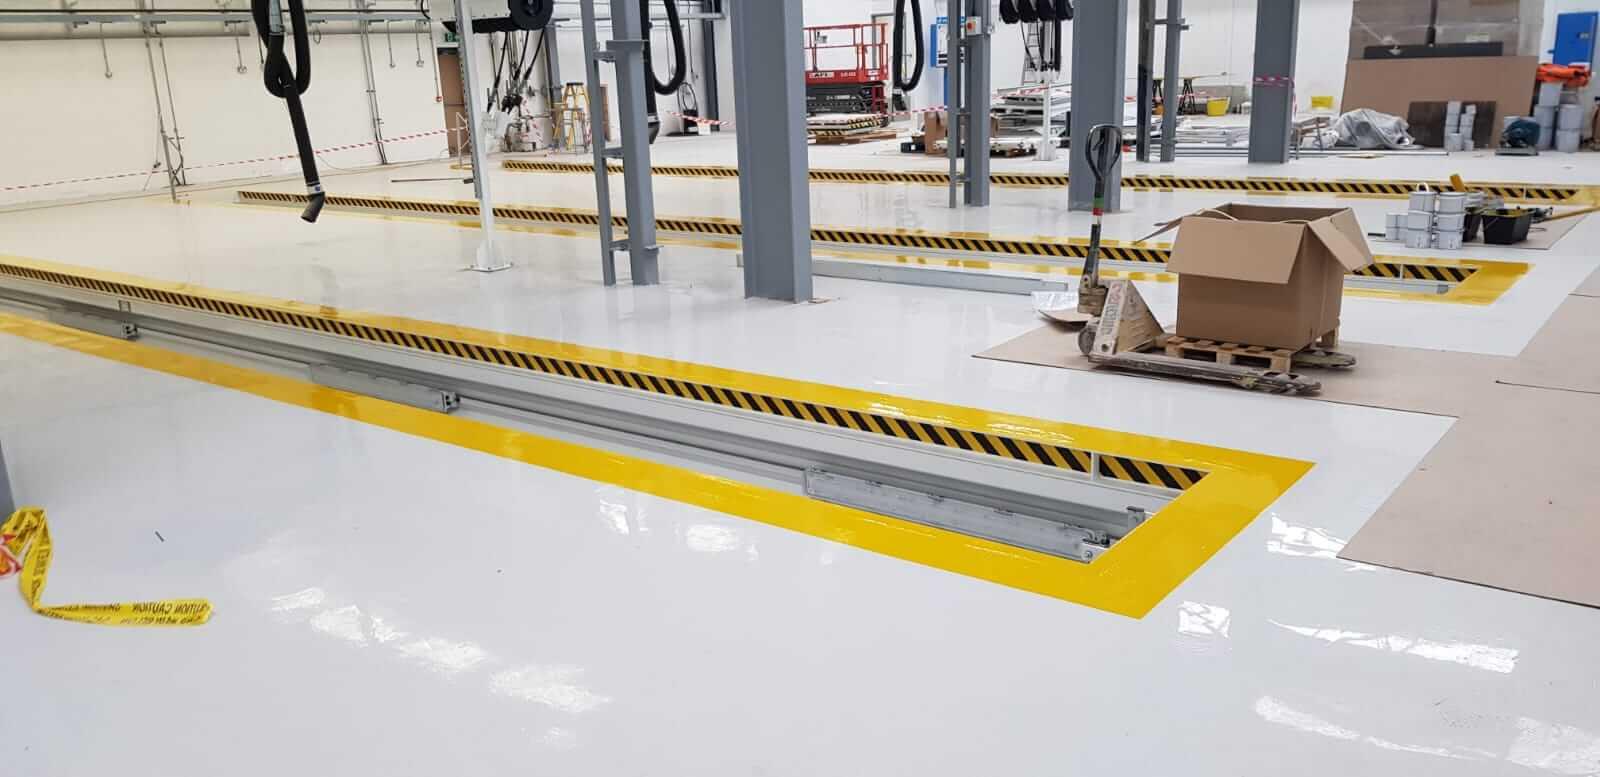 Floor markings and oil resistant coatings